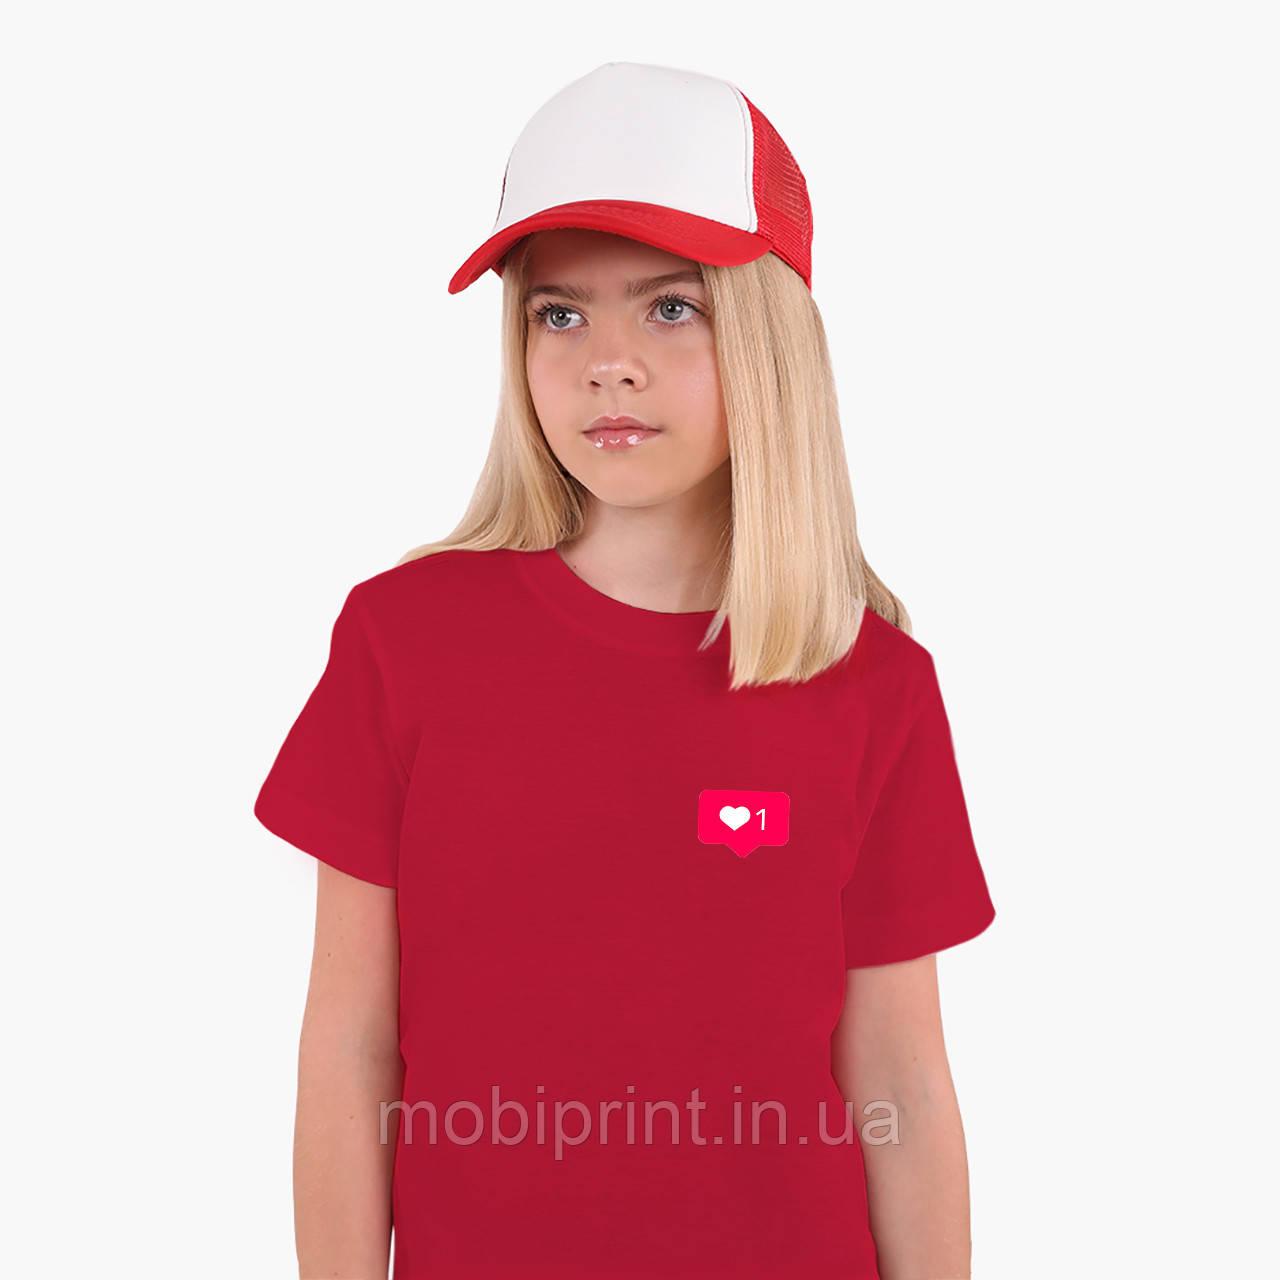 Детская футболка для девочек Лайк (Likee) (25186-1034) Красный